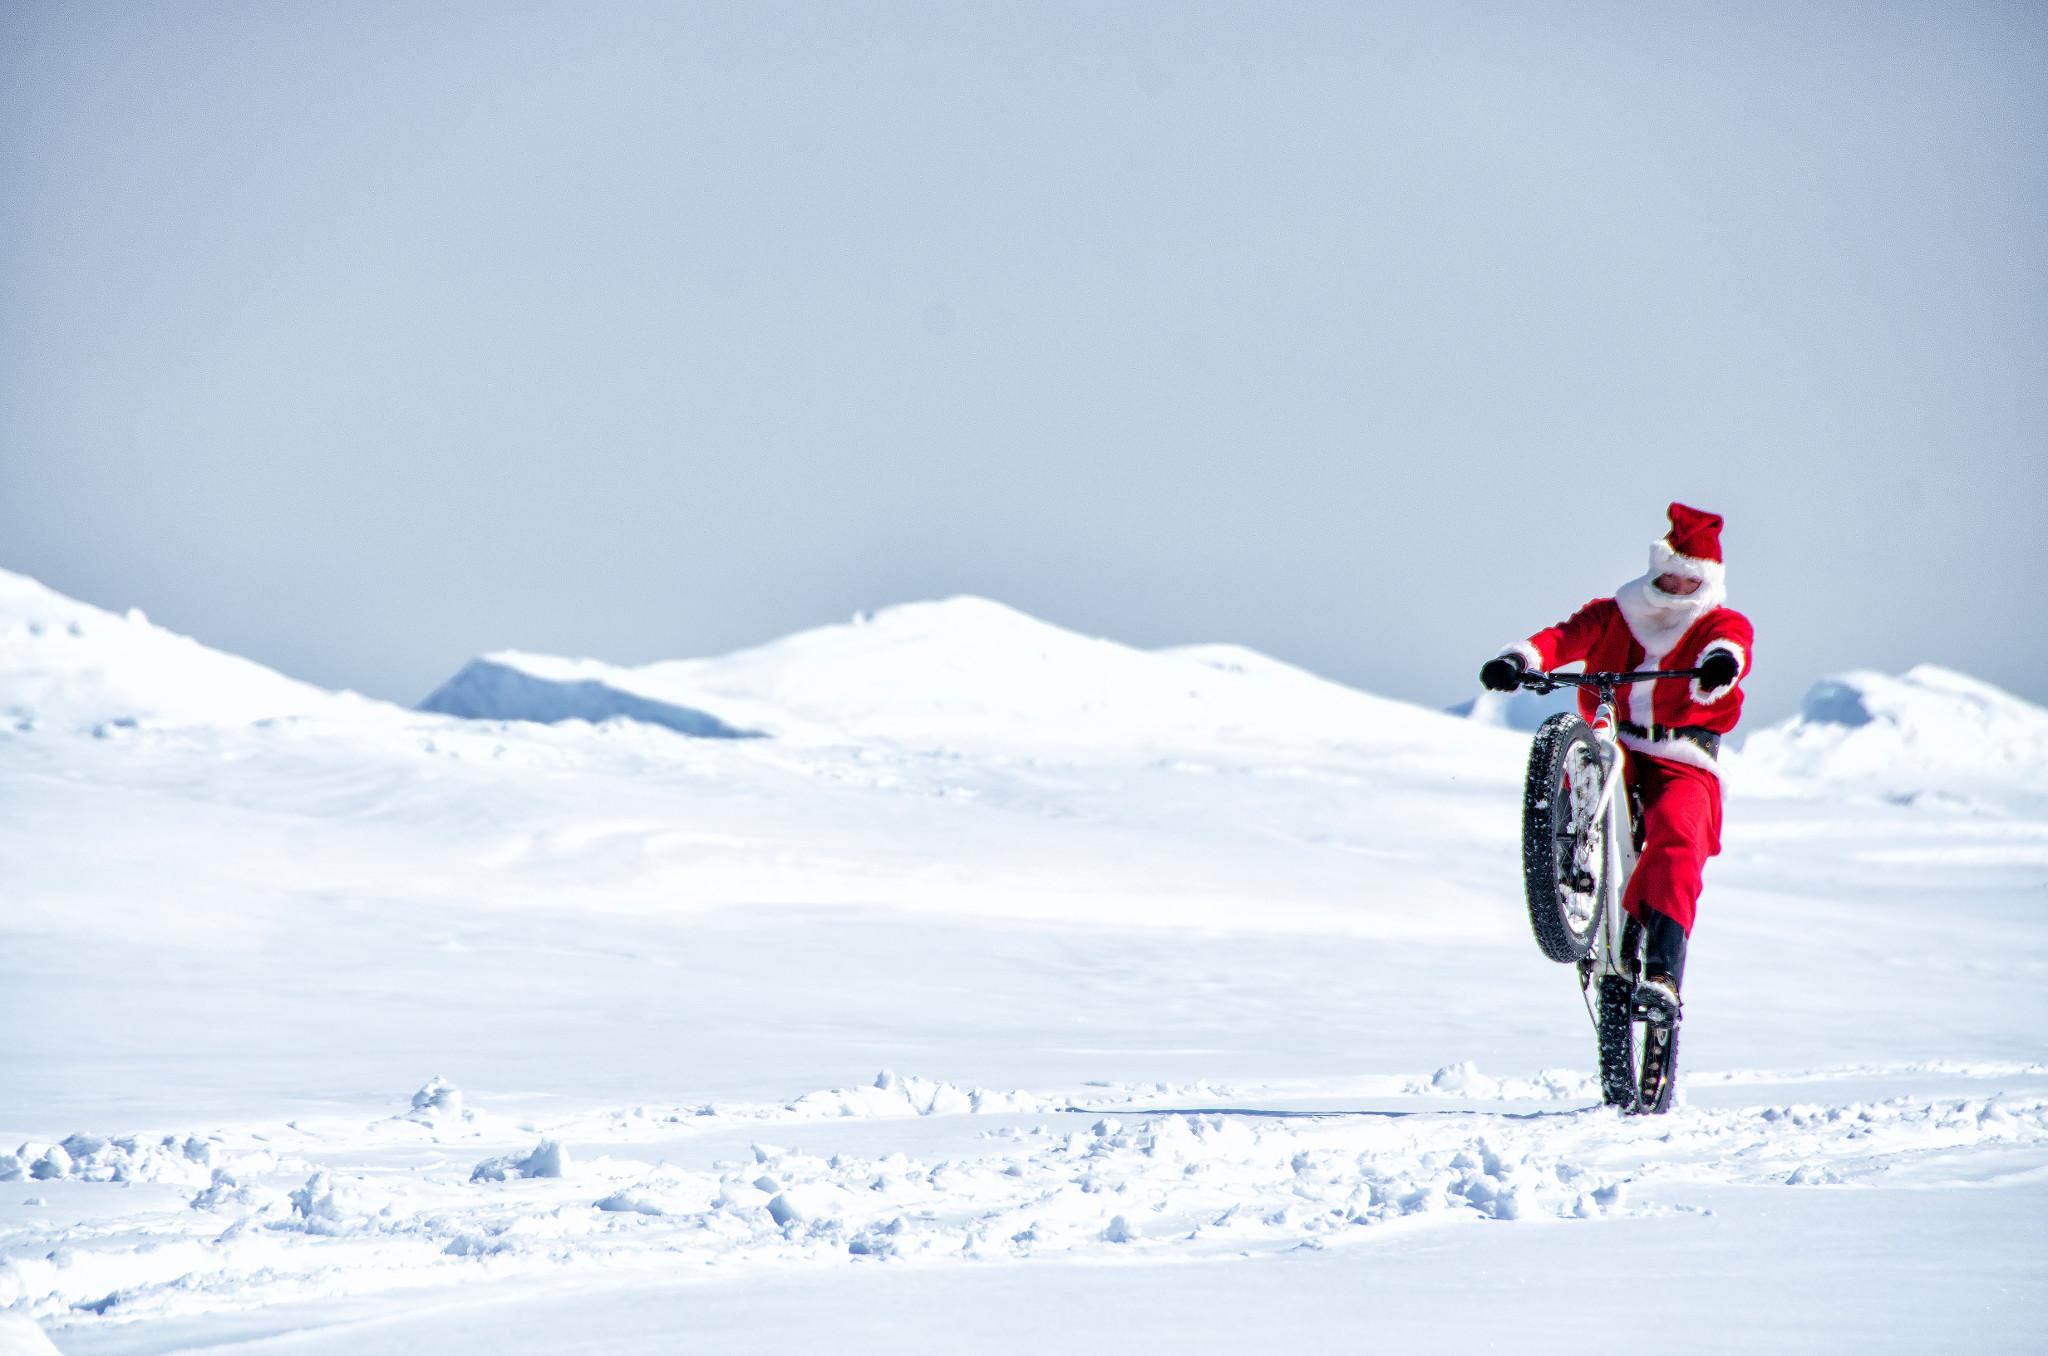 サンタさ~ん!プレゼントに自転車はどうでしょうか? -キックバイク編-